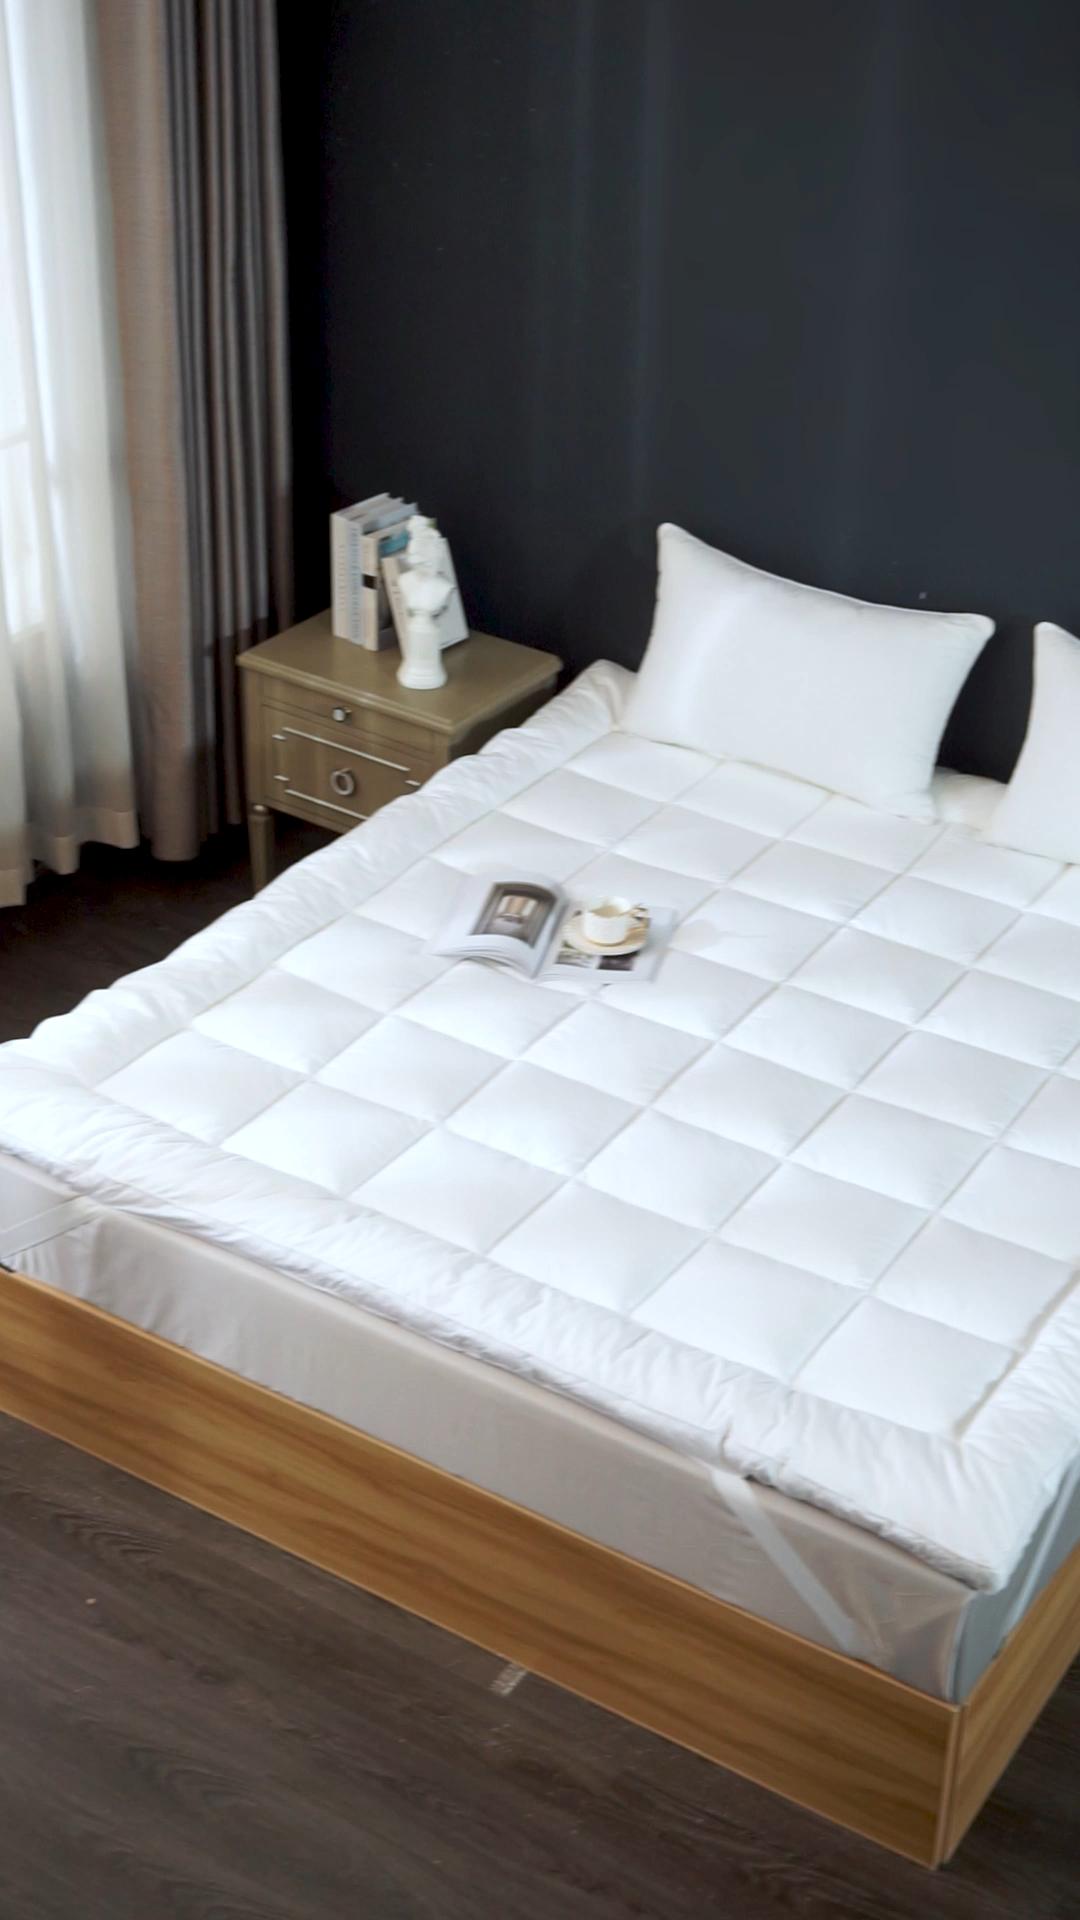 होटल गद्दा कवर निर्माता के लिए 100% कपास आराम गद्दे अव्वल होम उपयोग एंटी-स्किड गद्दा पैड